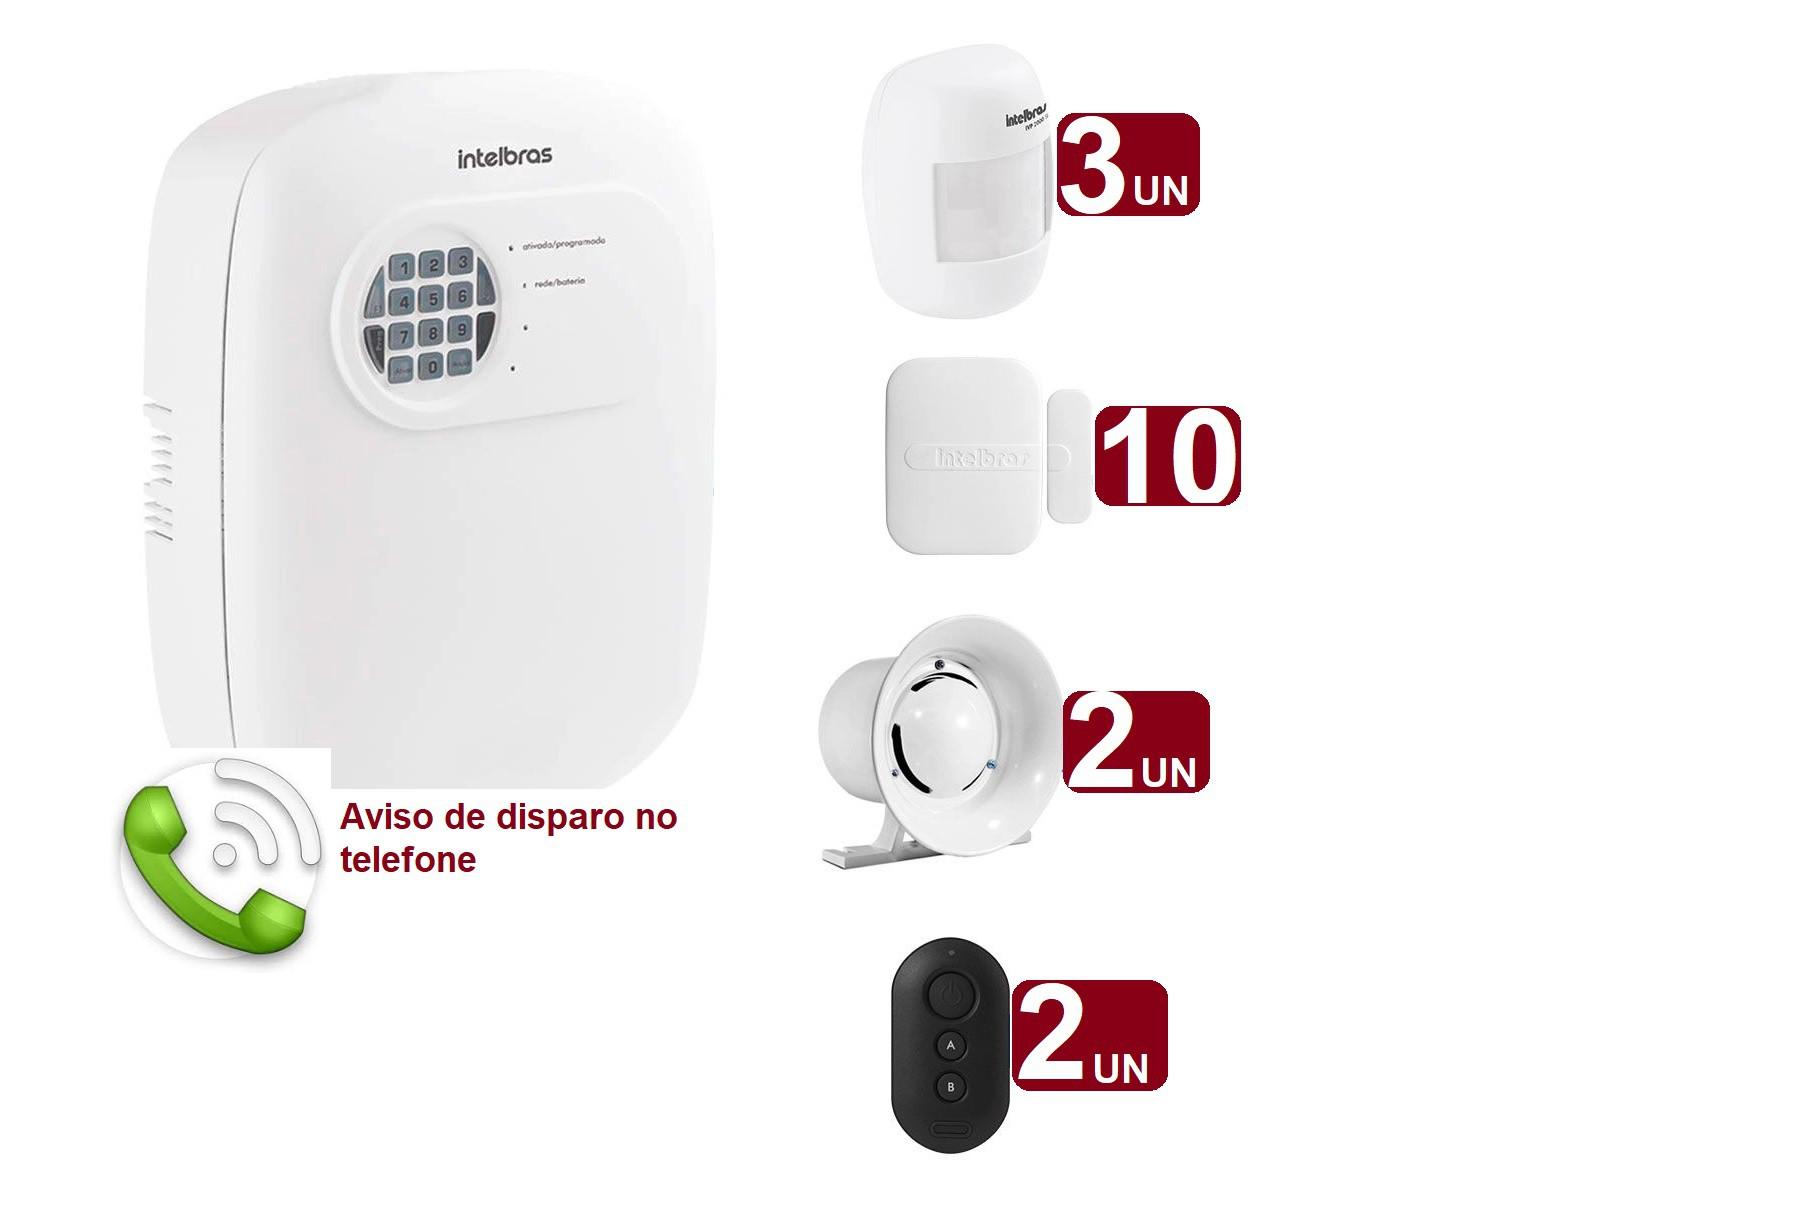 Kit de Alarme Intelbras ANM 3004 ST c/ 13 Sensores e Discadora por Telefone fixo Sem Fio